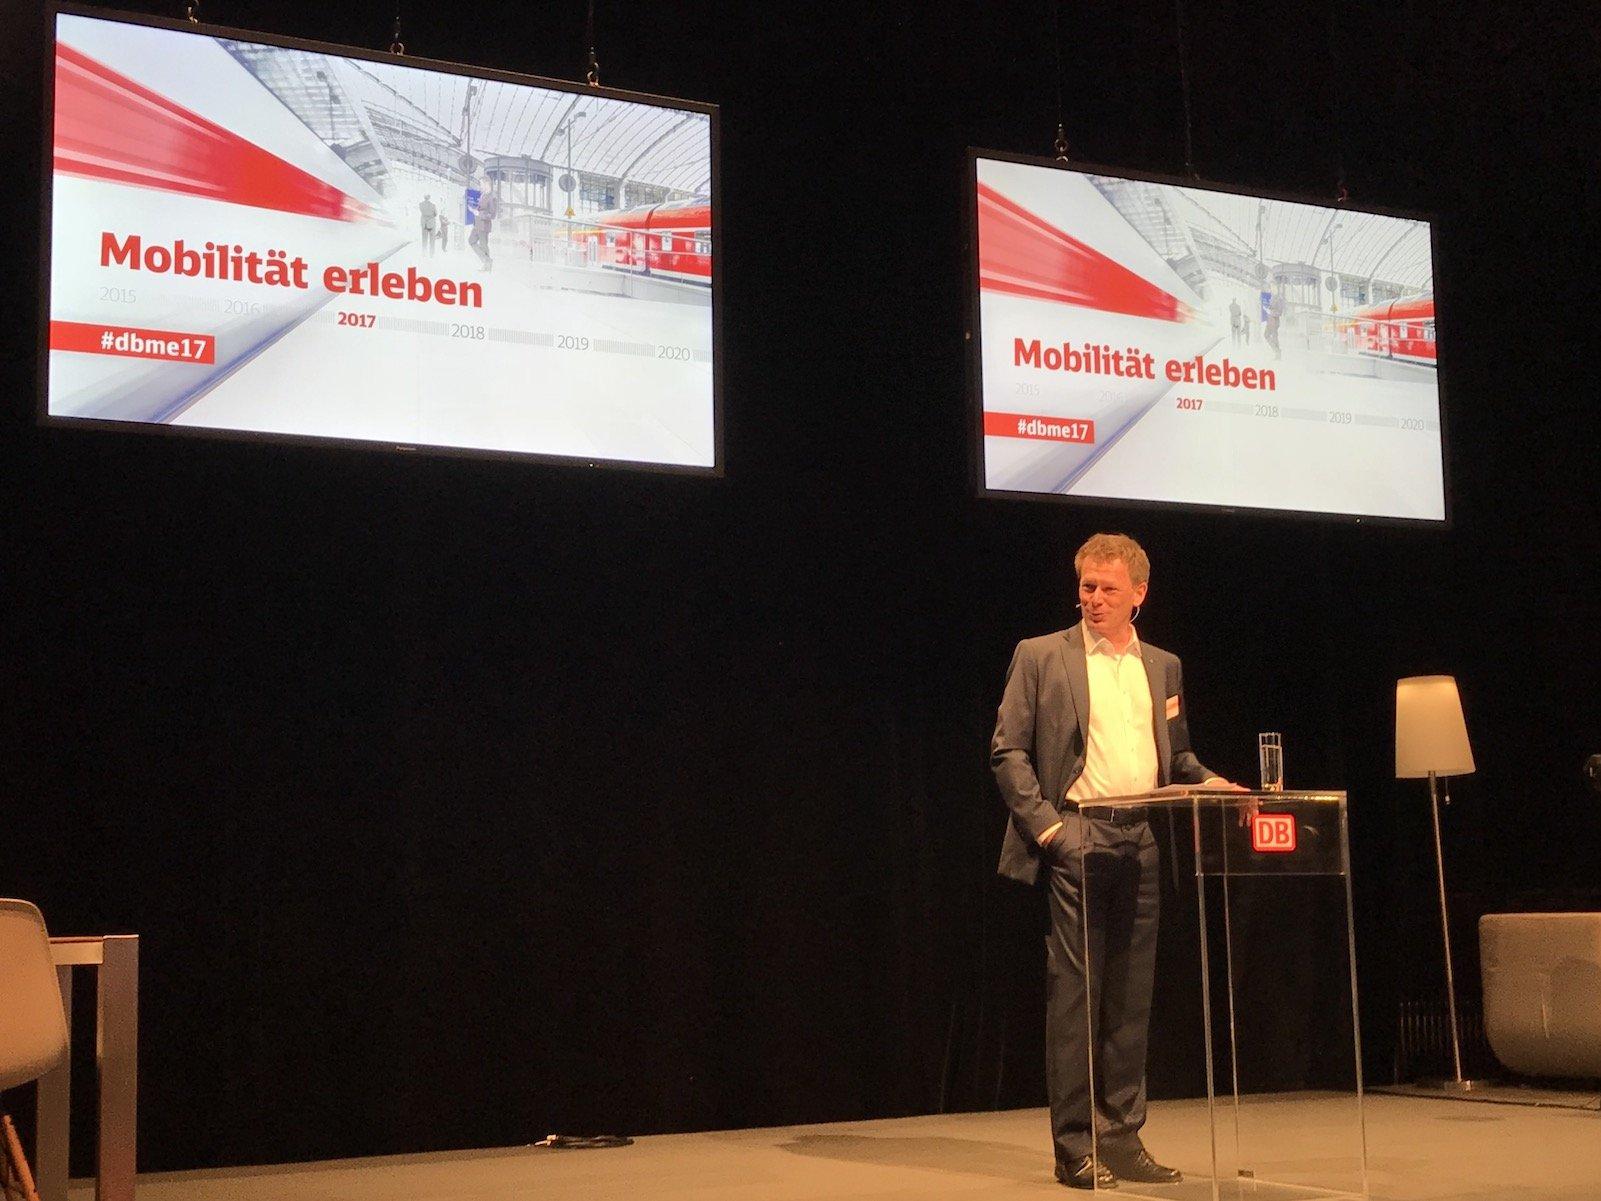 Dr. Lutz, Vorstandsvorsitzender der Deutschen Bahn AG, beim #DBME17 in Berlin